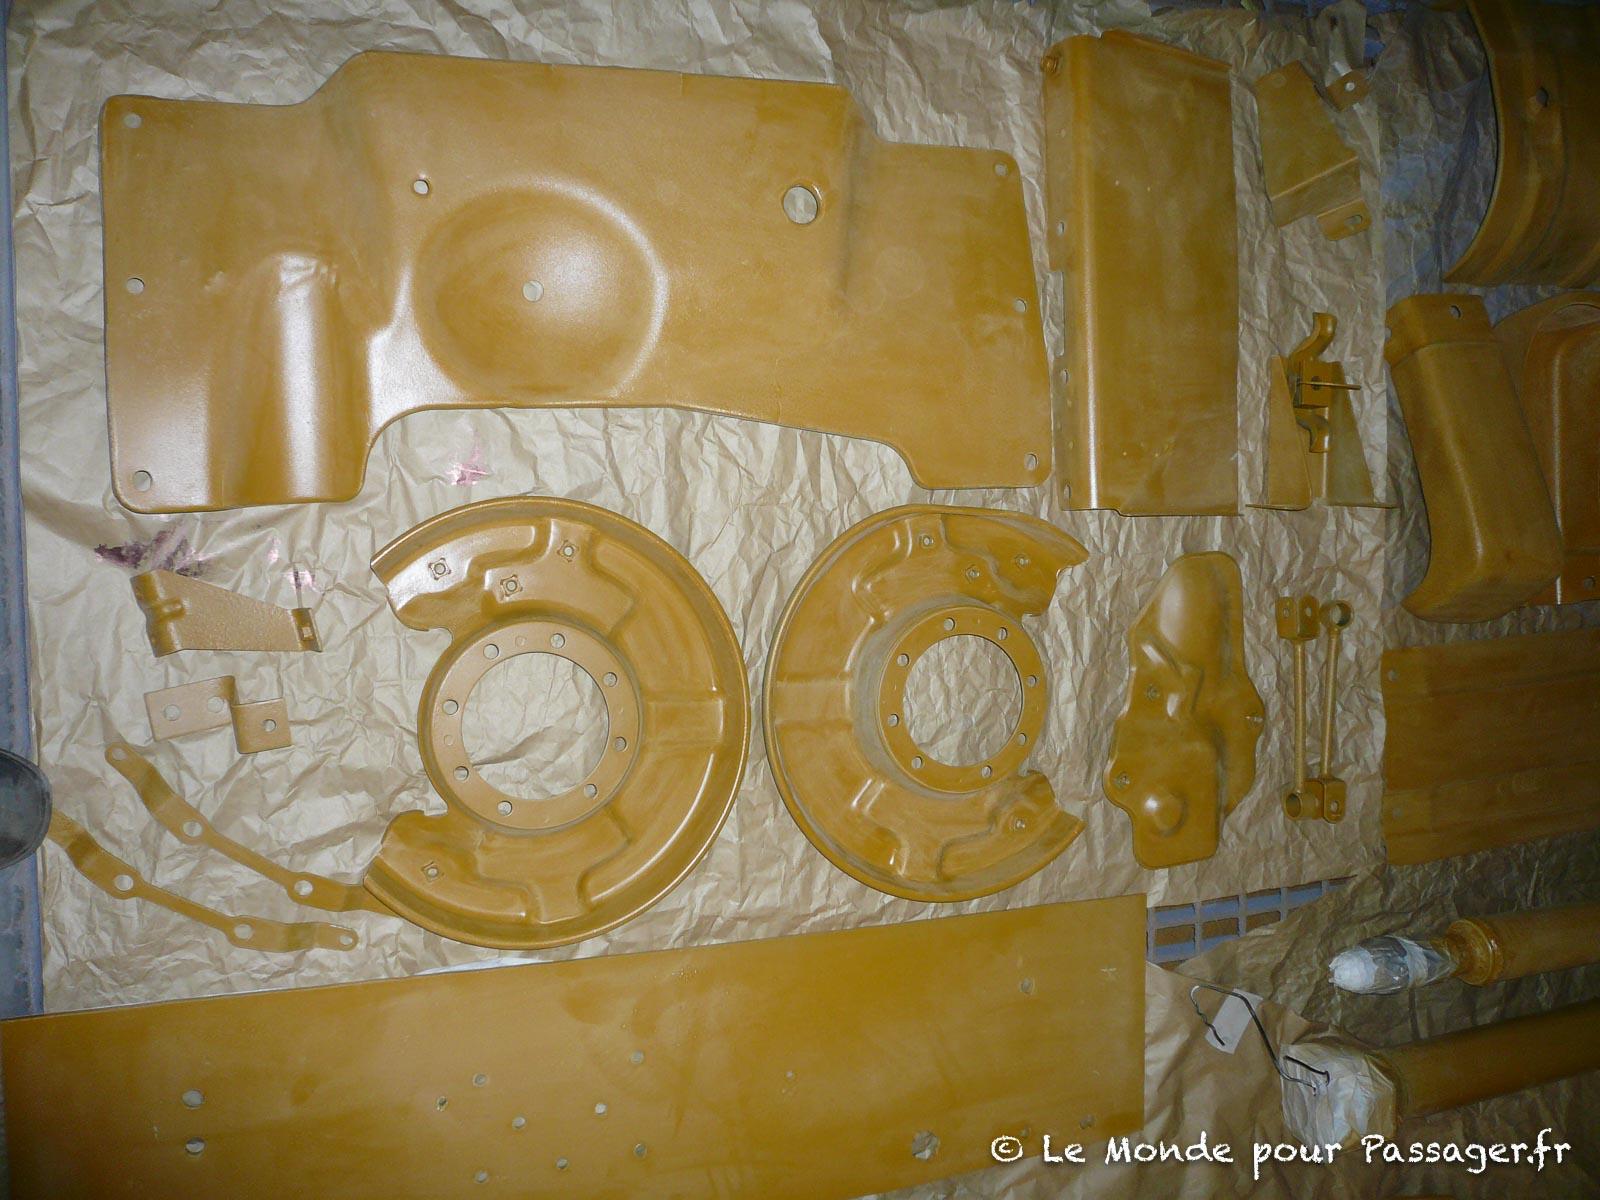 Fj55-Restauration076